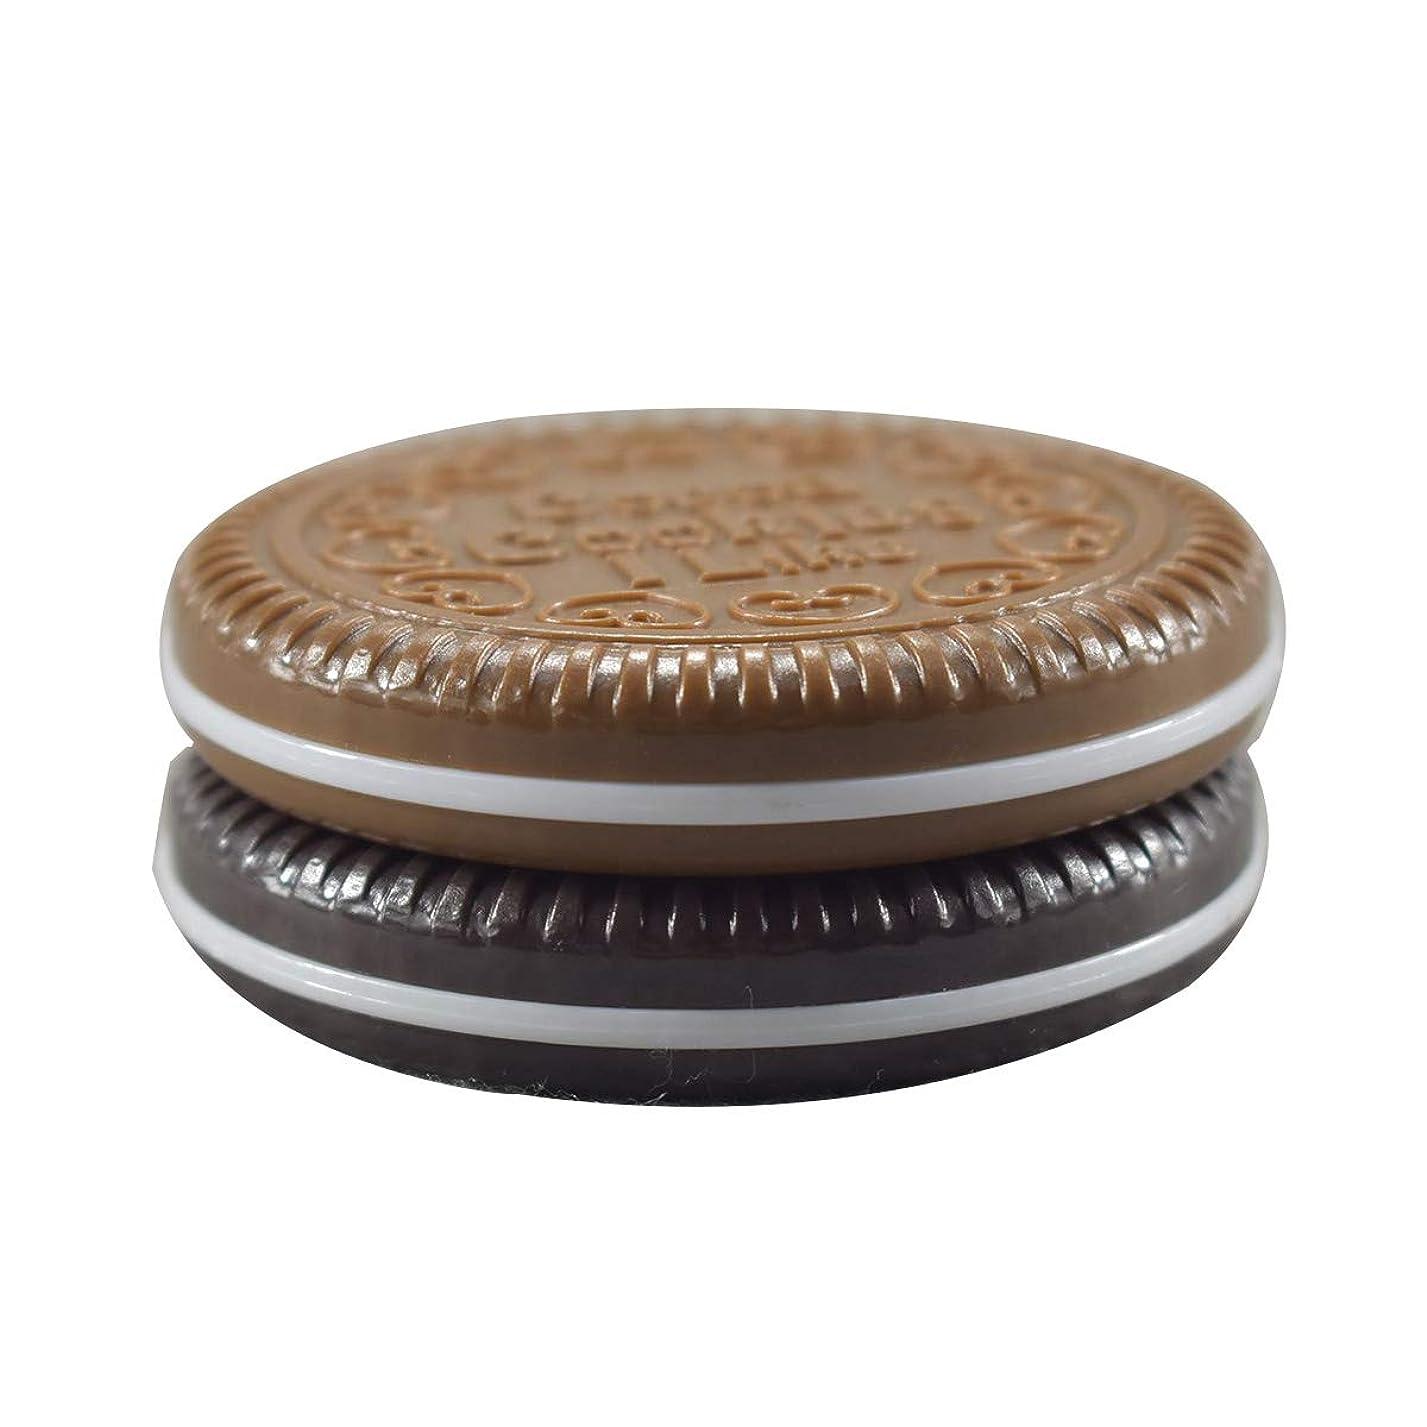 晩ごはん干渉繁栄Frcolor 化粧鏡 携帯ミラー 折りたたみミラー 化粧ミラー コンパクトミラー 丸型 持ち運びに便利 チョコレートクッキー柄 コーム付き(ランダムカラー)